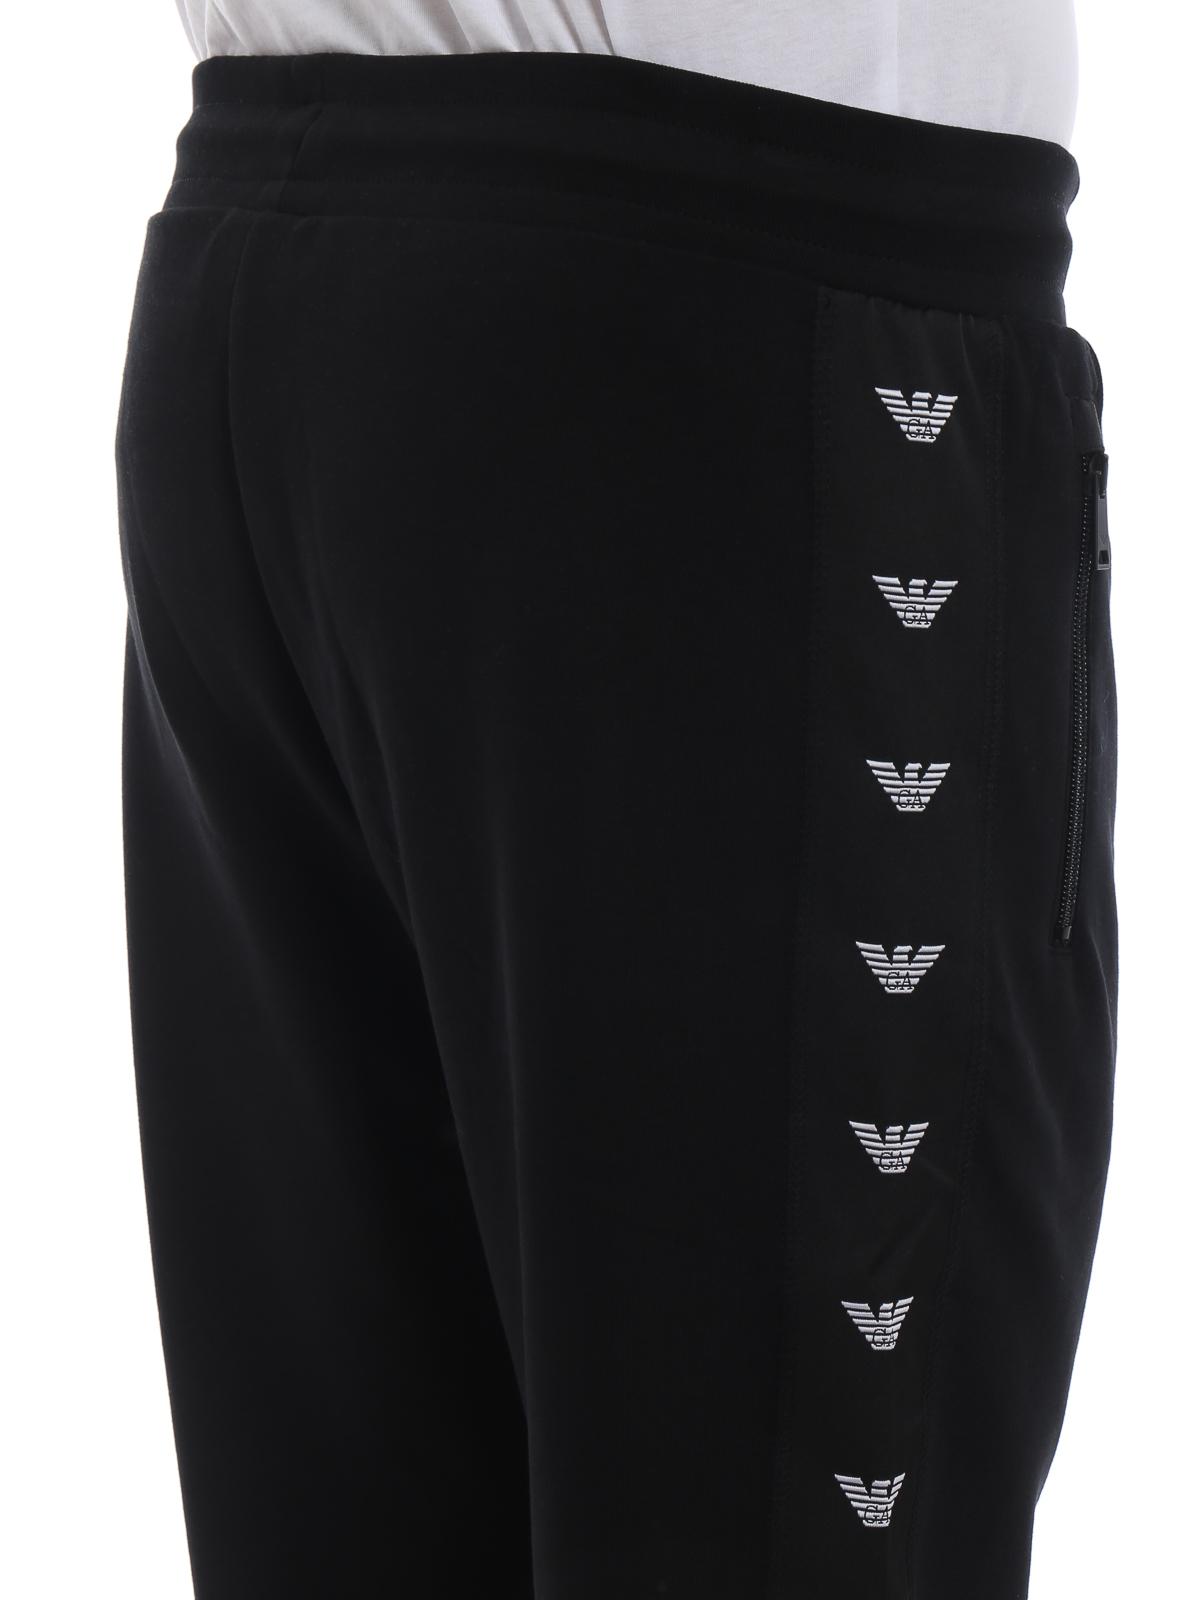 8ad1e1d53e Emporio Armani - Pantaloni da tuta con bande laterali con logo ...